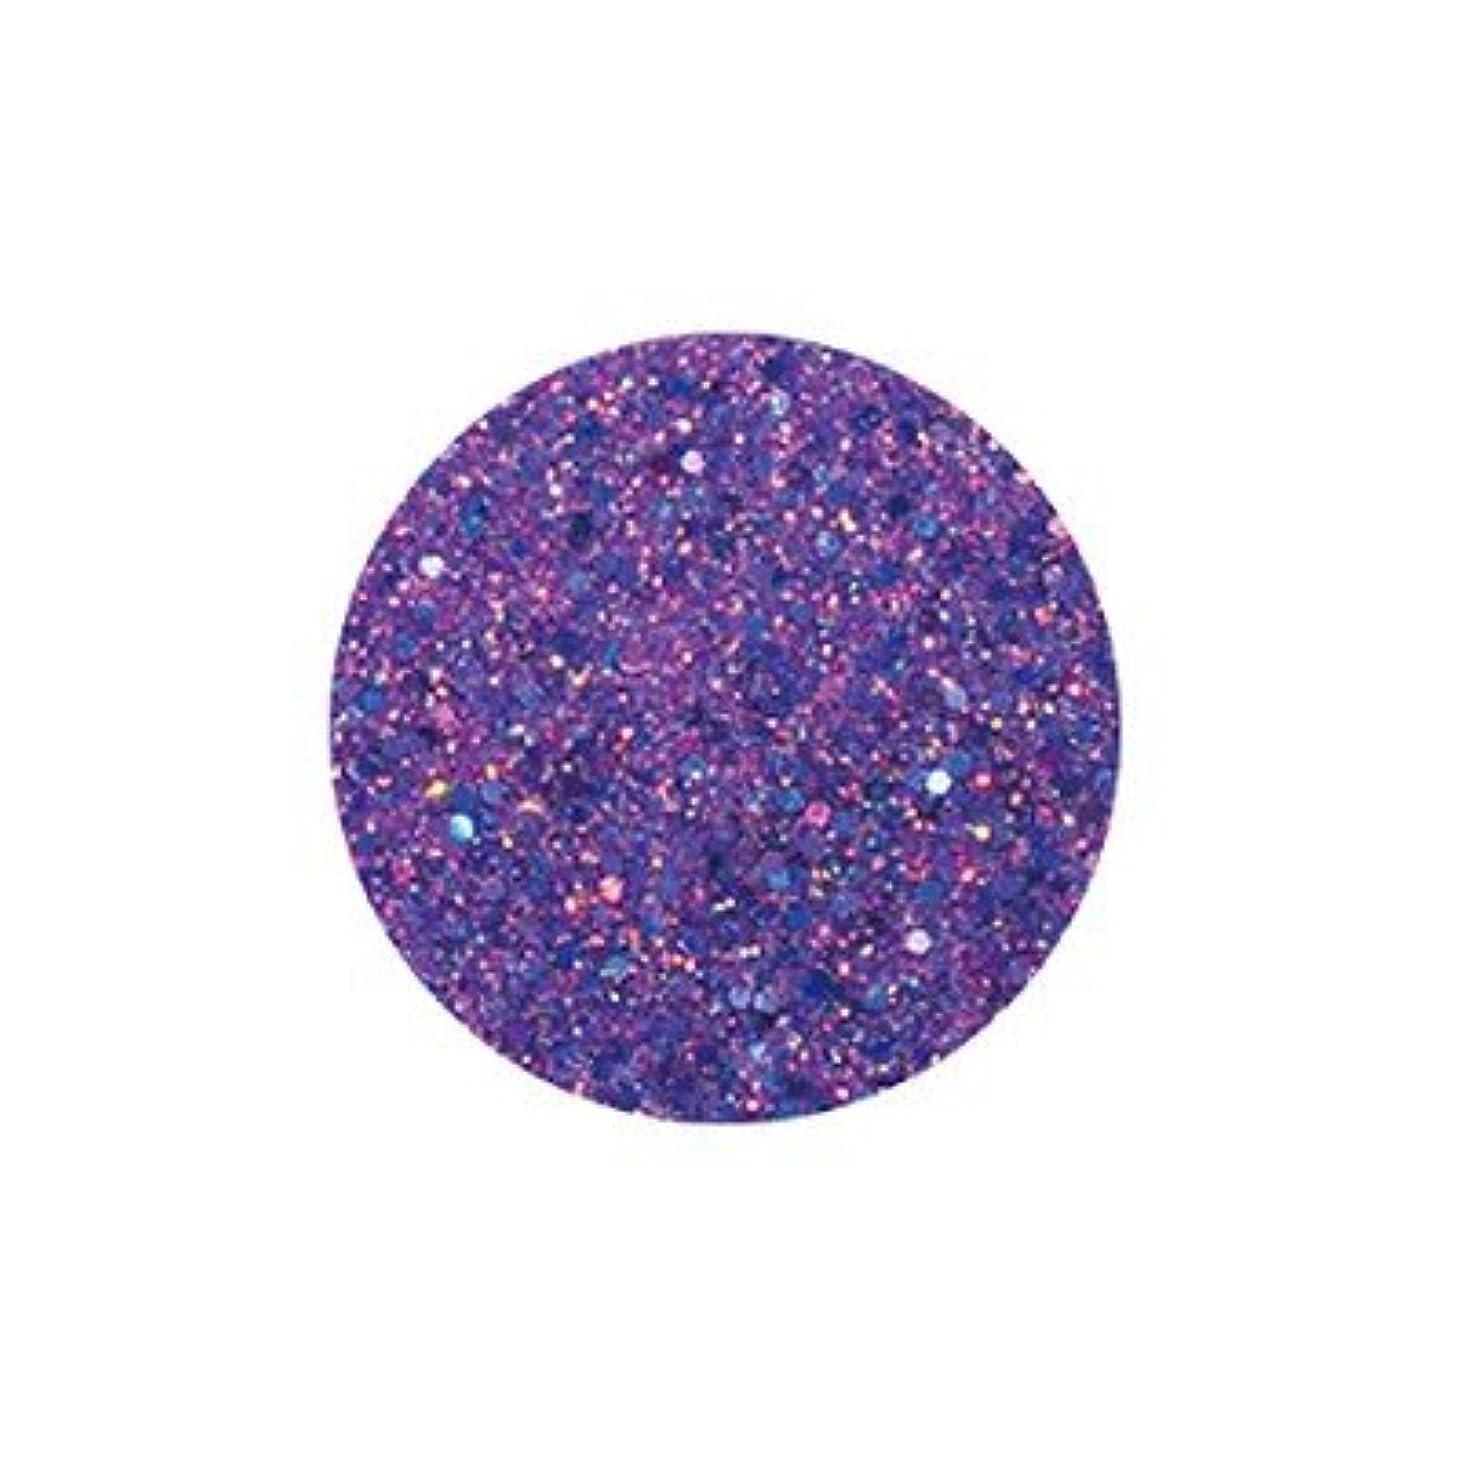 基礎コンパス学習FANTASY NAIL ダイヤモンドコレクション 3g 4261XS カラーパウダー アート材